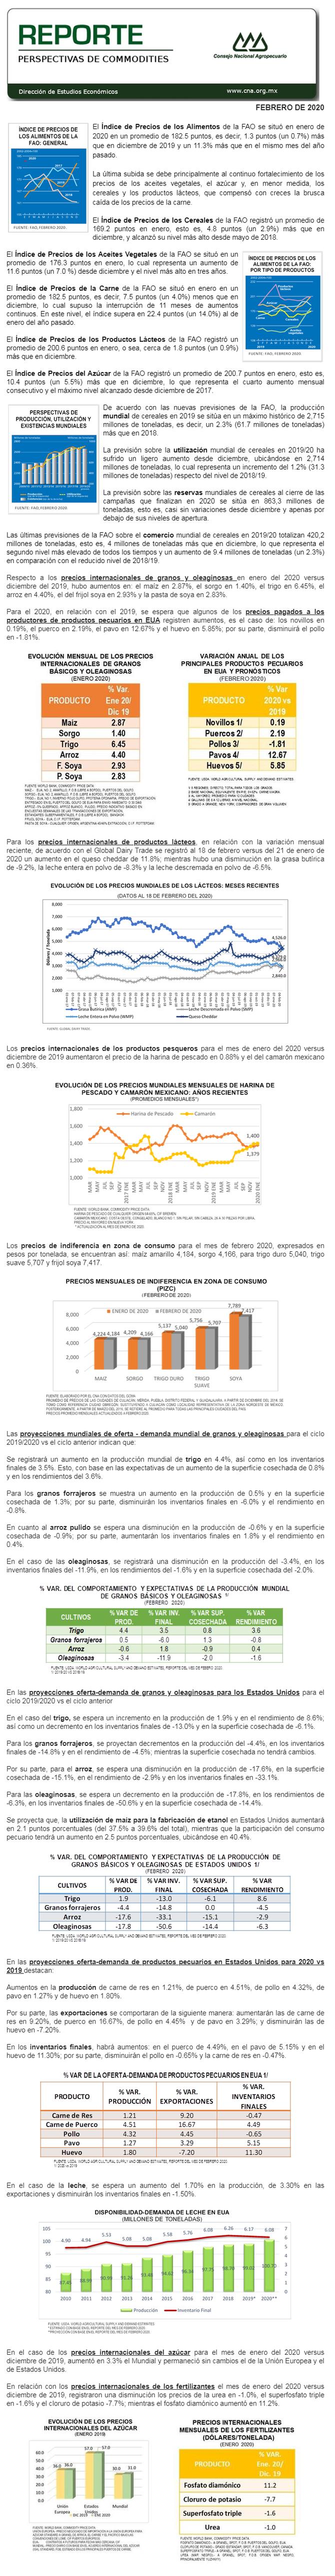 REPORTE DE PERSPECTIVAS DE COMMODITIES DE FEBRERO DE 2020.